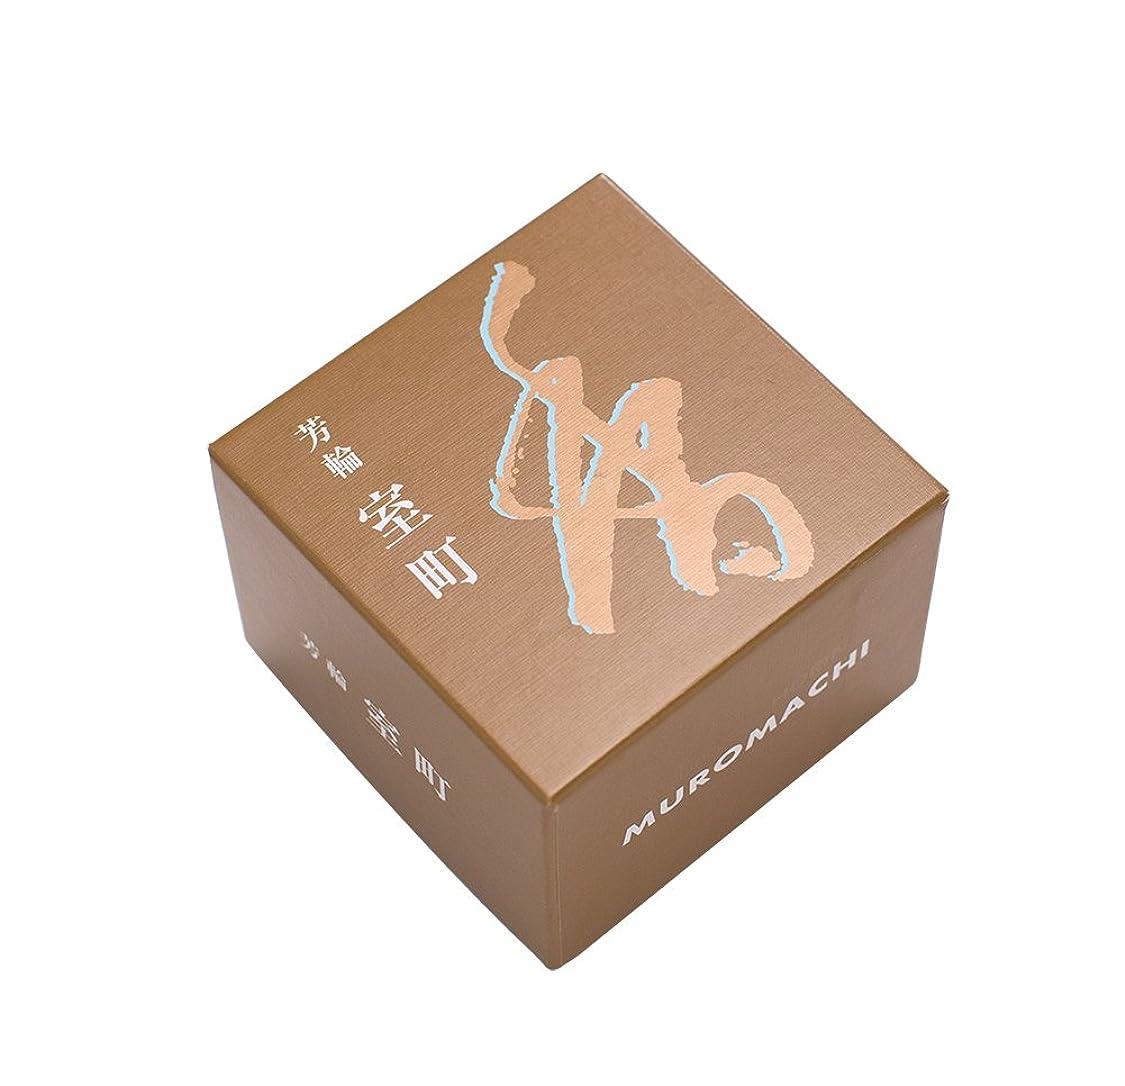 ピケ食品一時停止松栄堂のお香 芳輪室町 渦巻型10枚入 うてな角型付 #210421